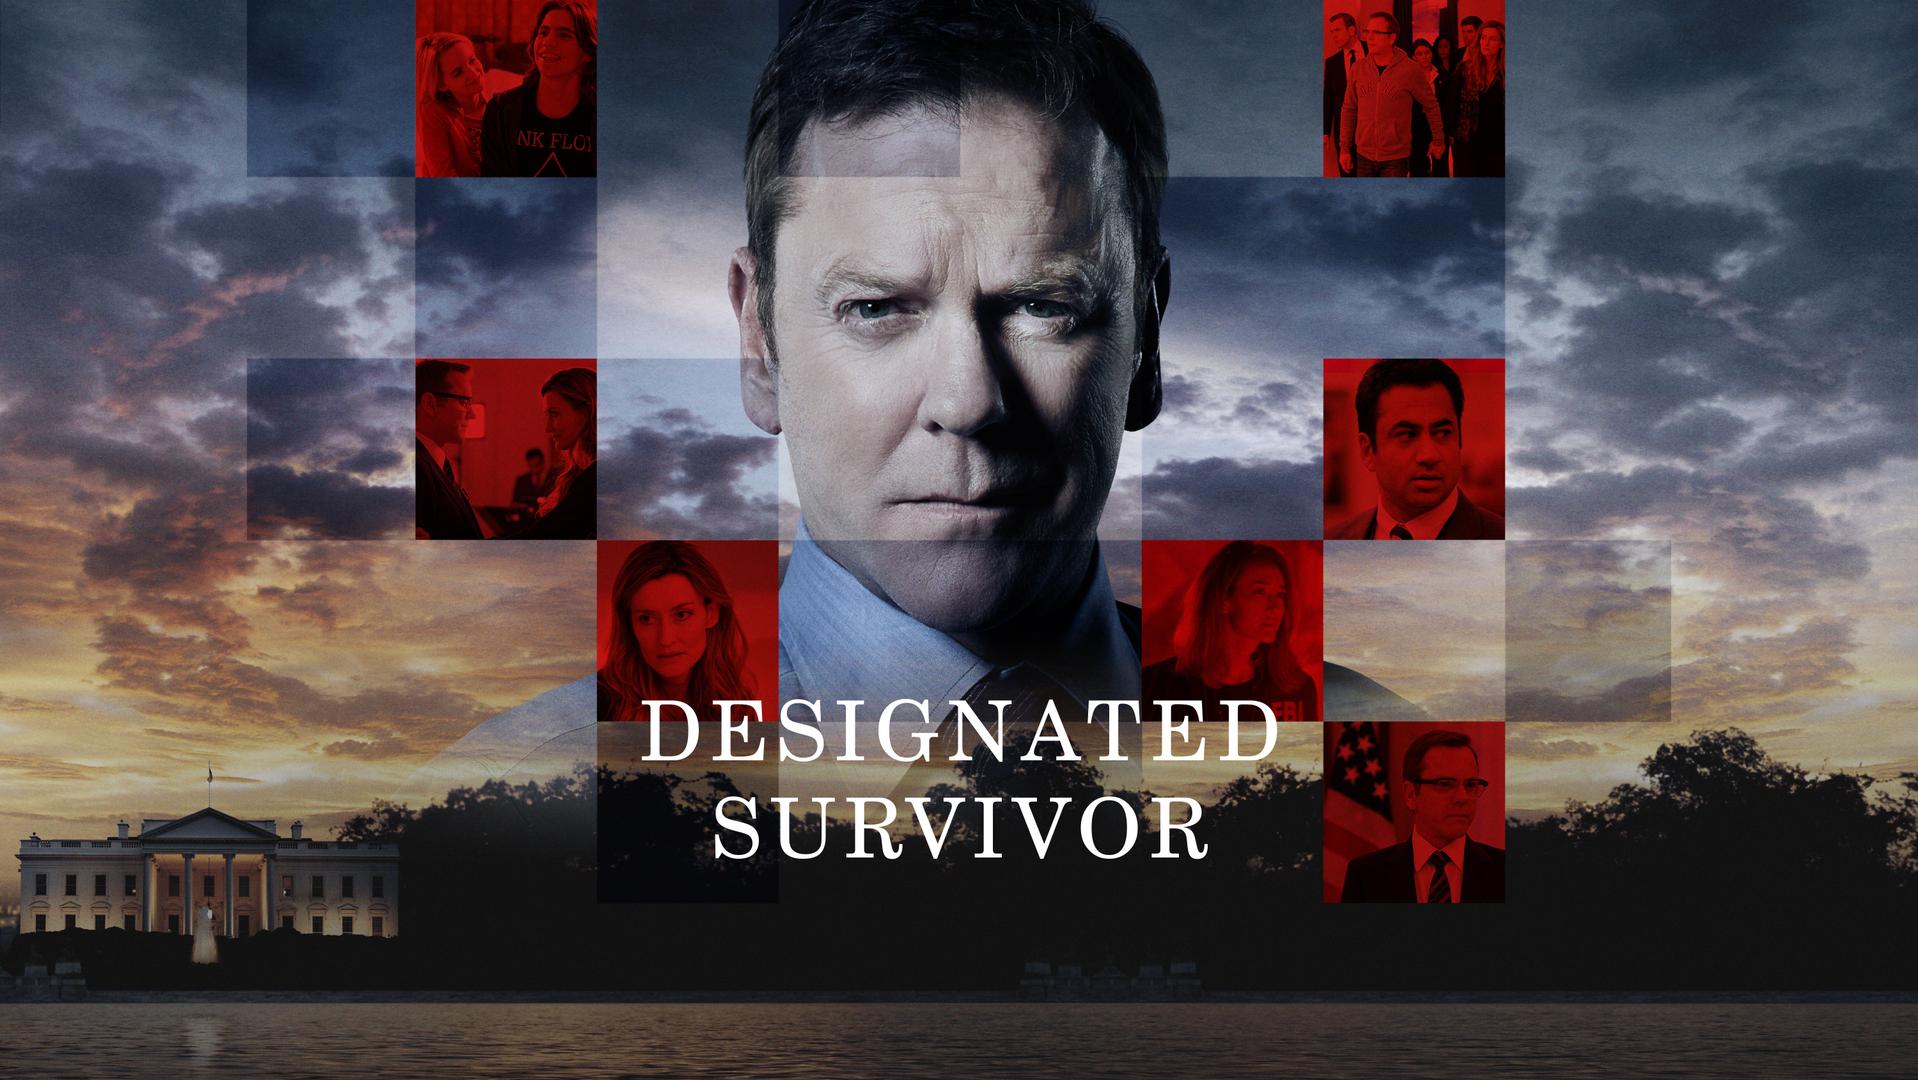 キーファー主演の新ドラマ『サバイバー/宿命の大統領』がついにNetflixで視聴可能になりました!